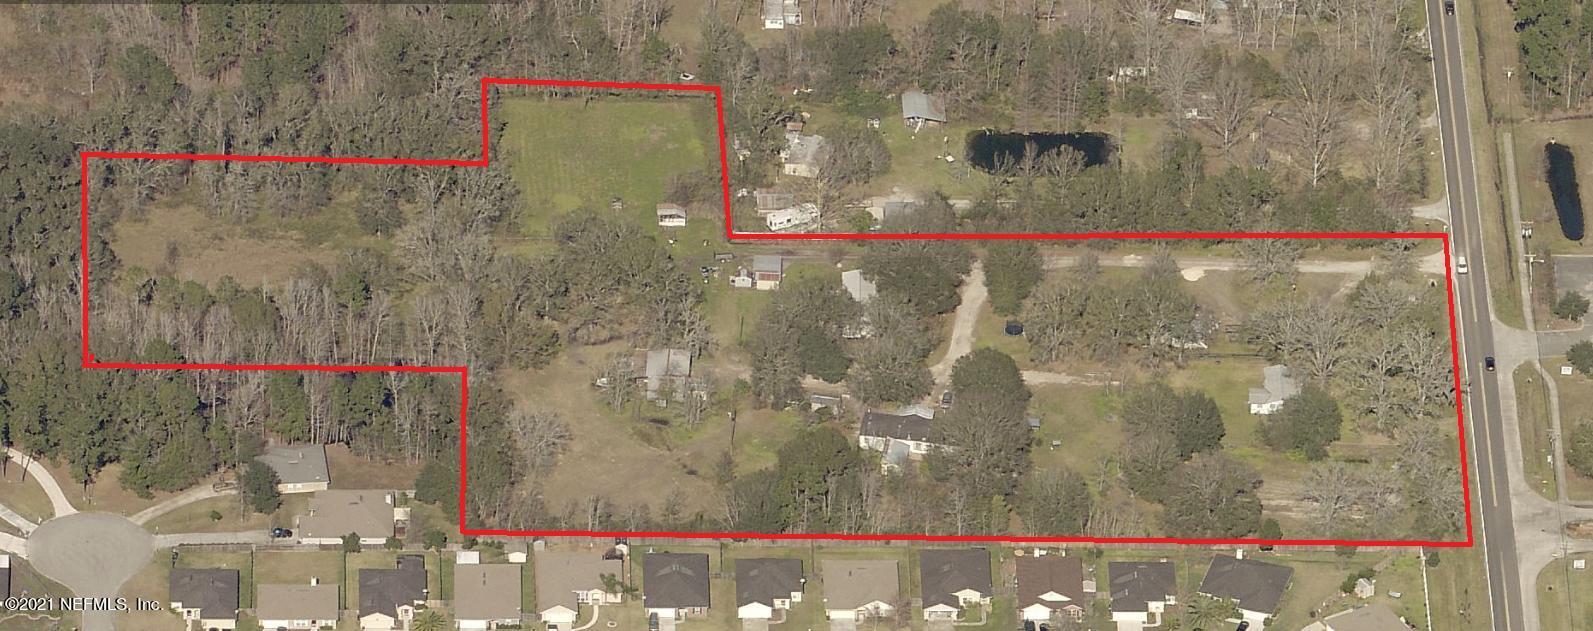 Details for 1586 Baxley Rd, MIDDLEBURG, FL 32068